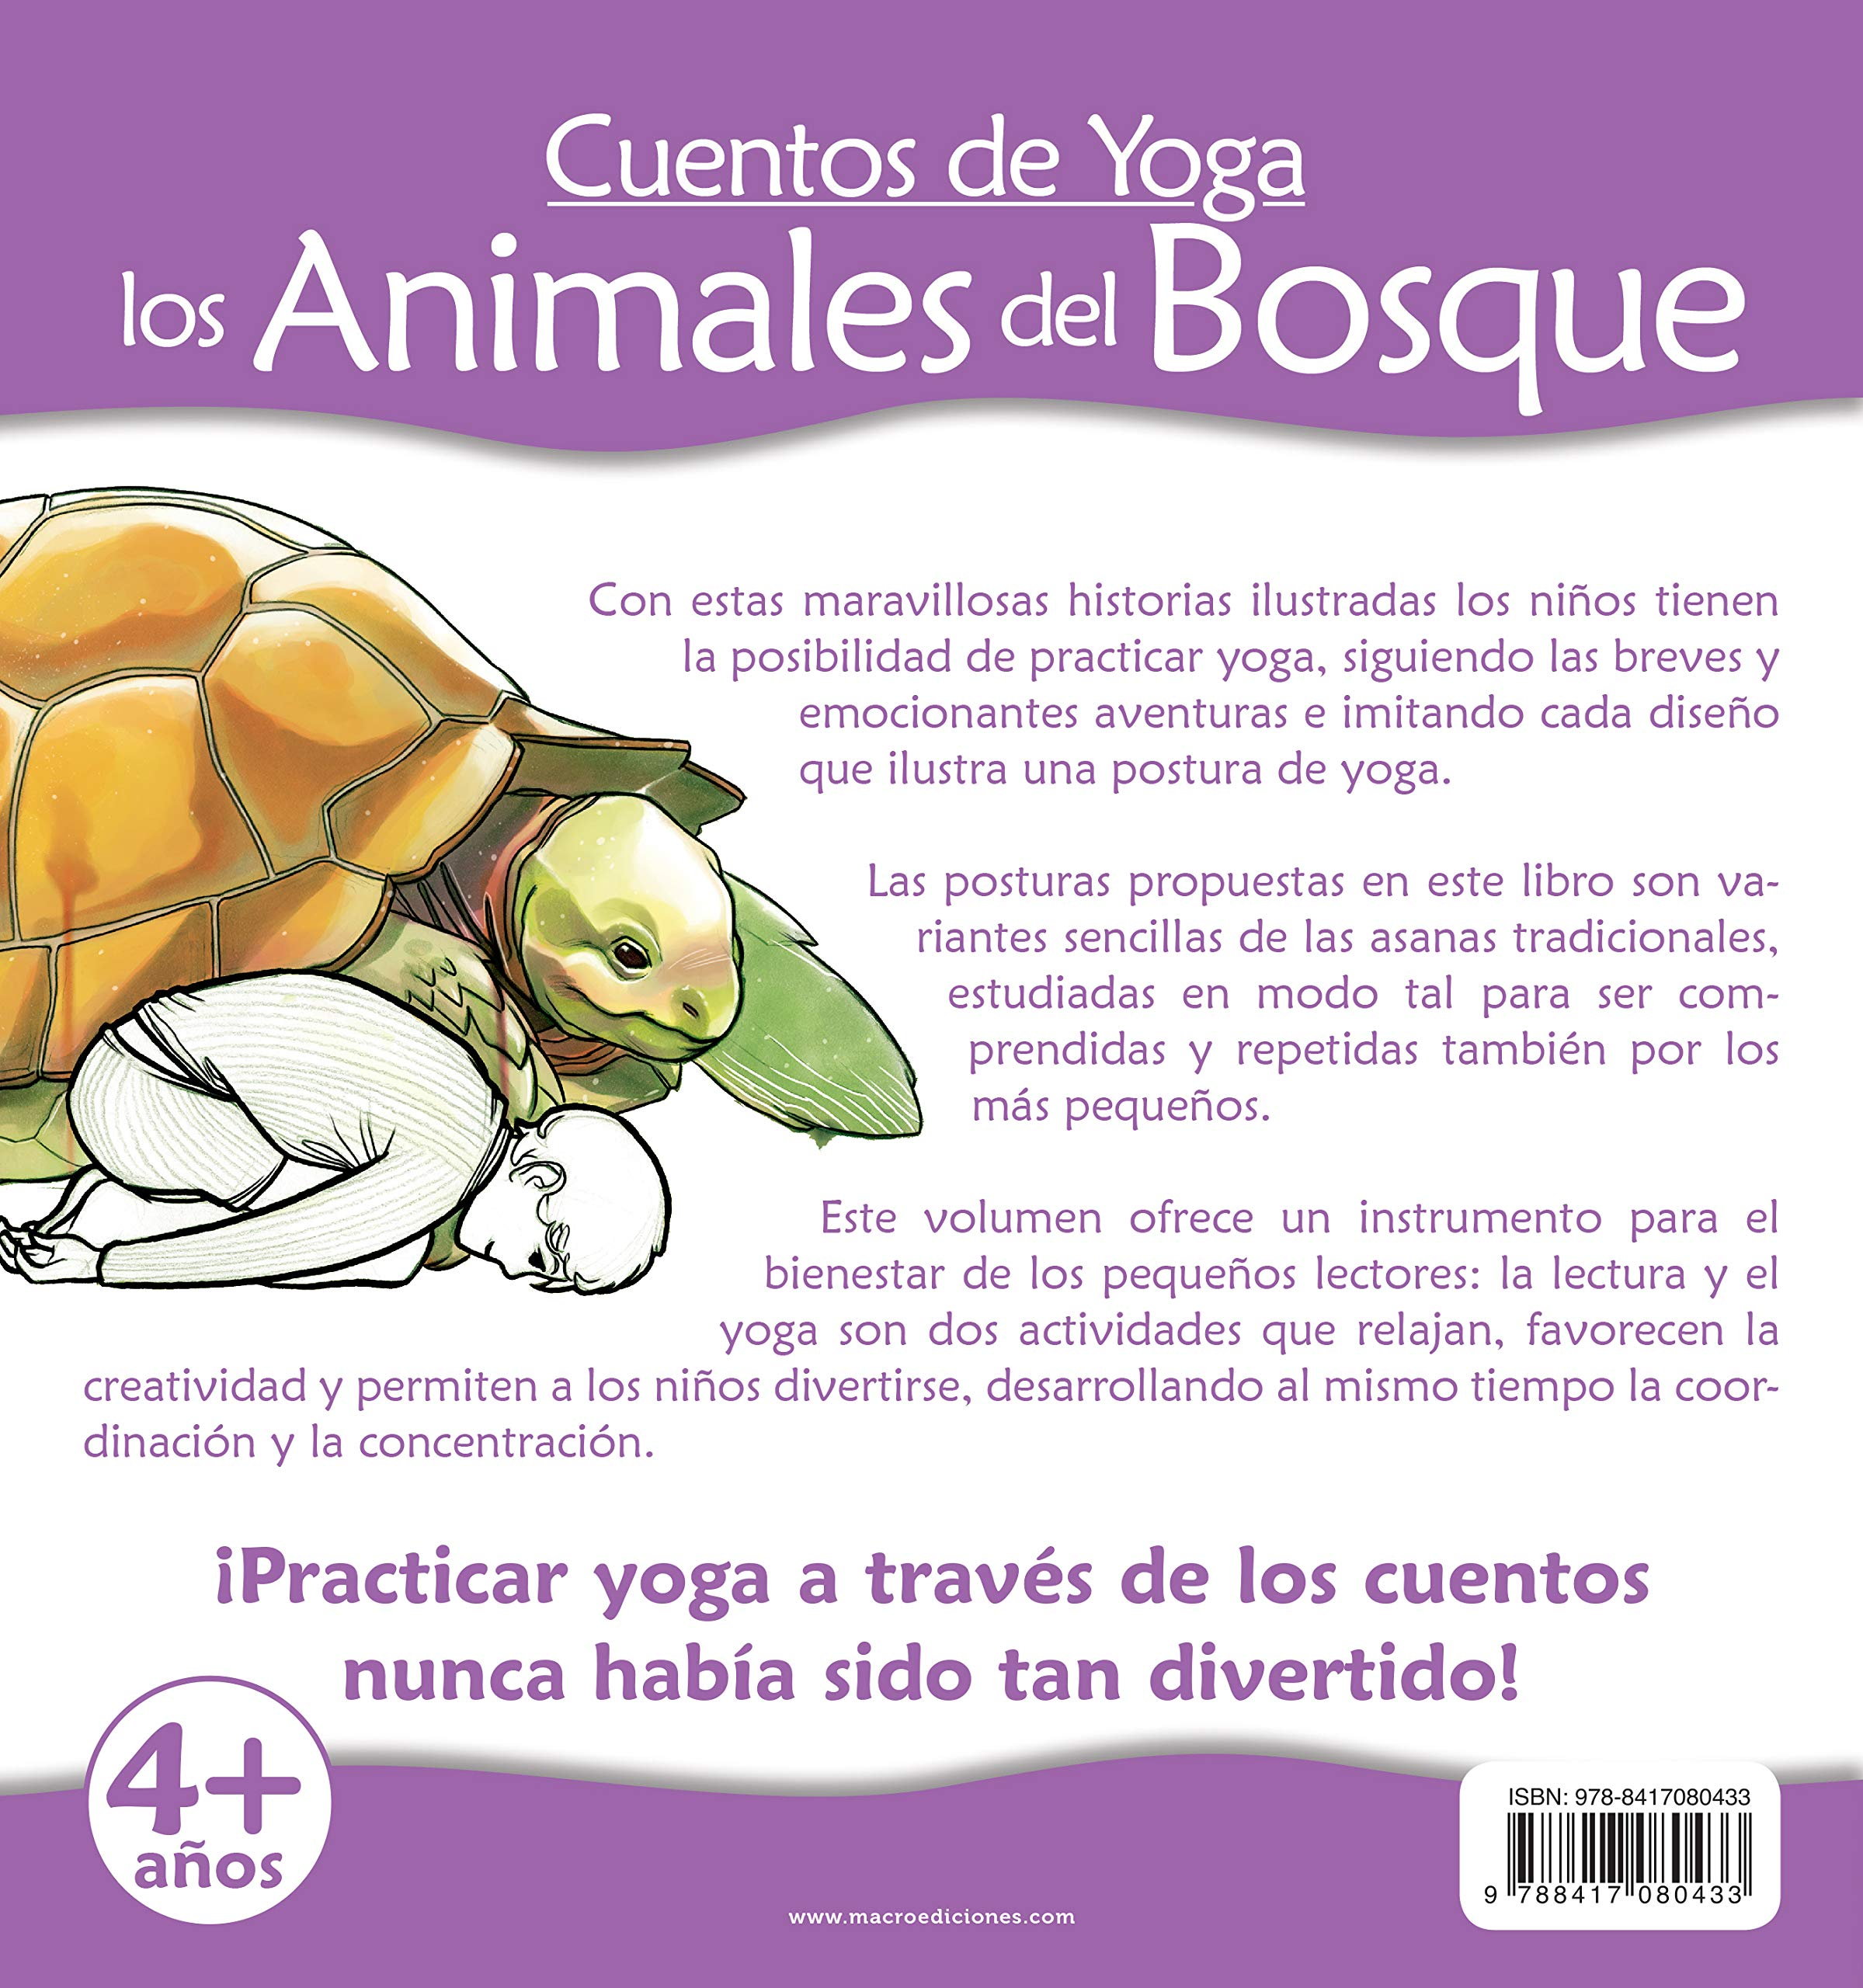 Cuentos de Yoga: los Animales del Bosque: 2 historias ...